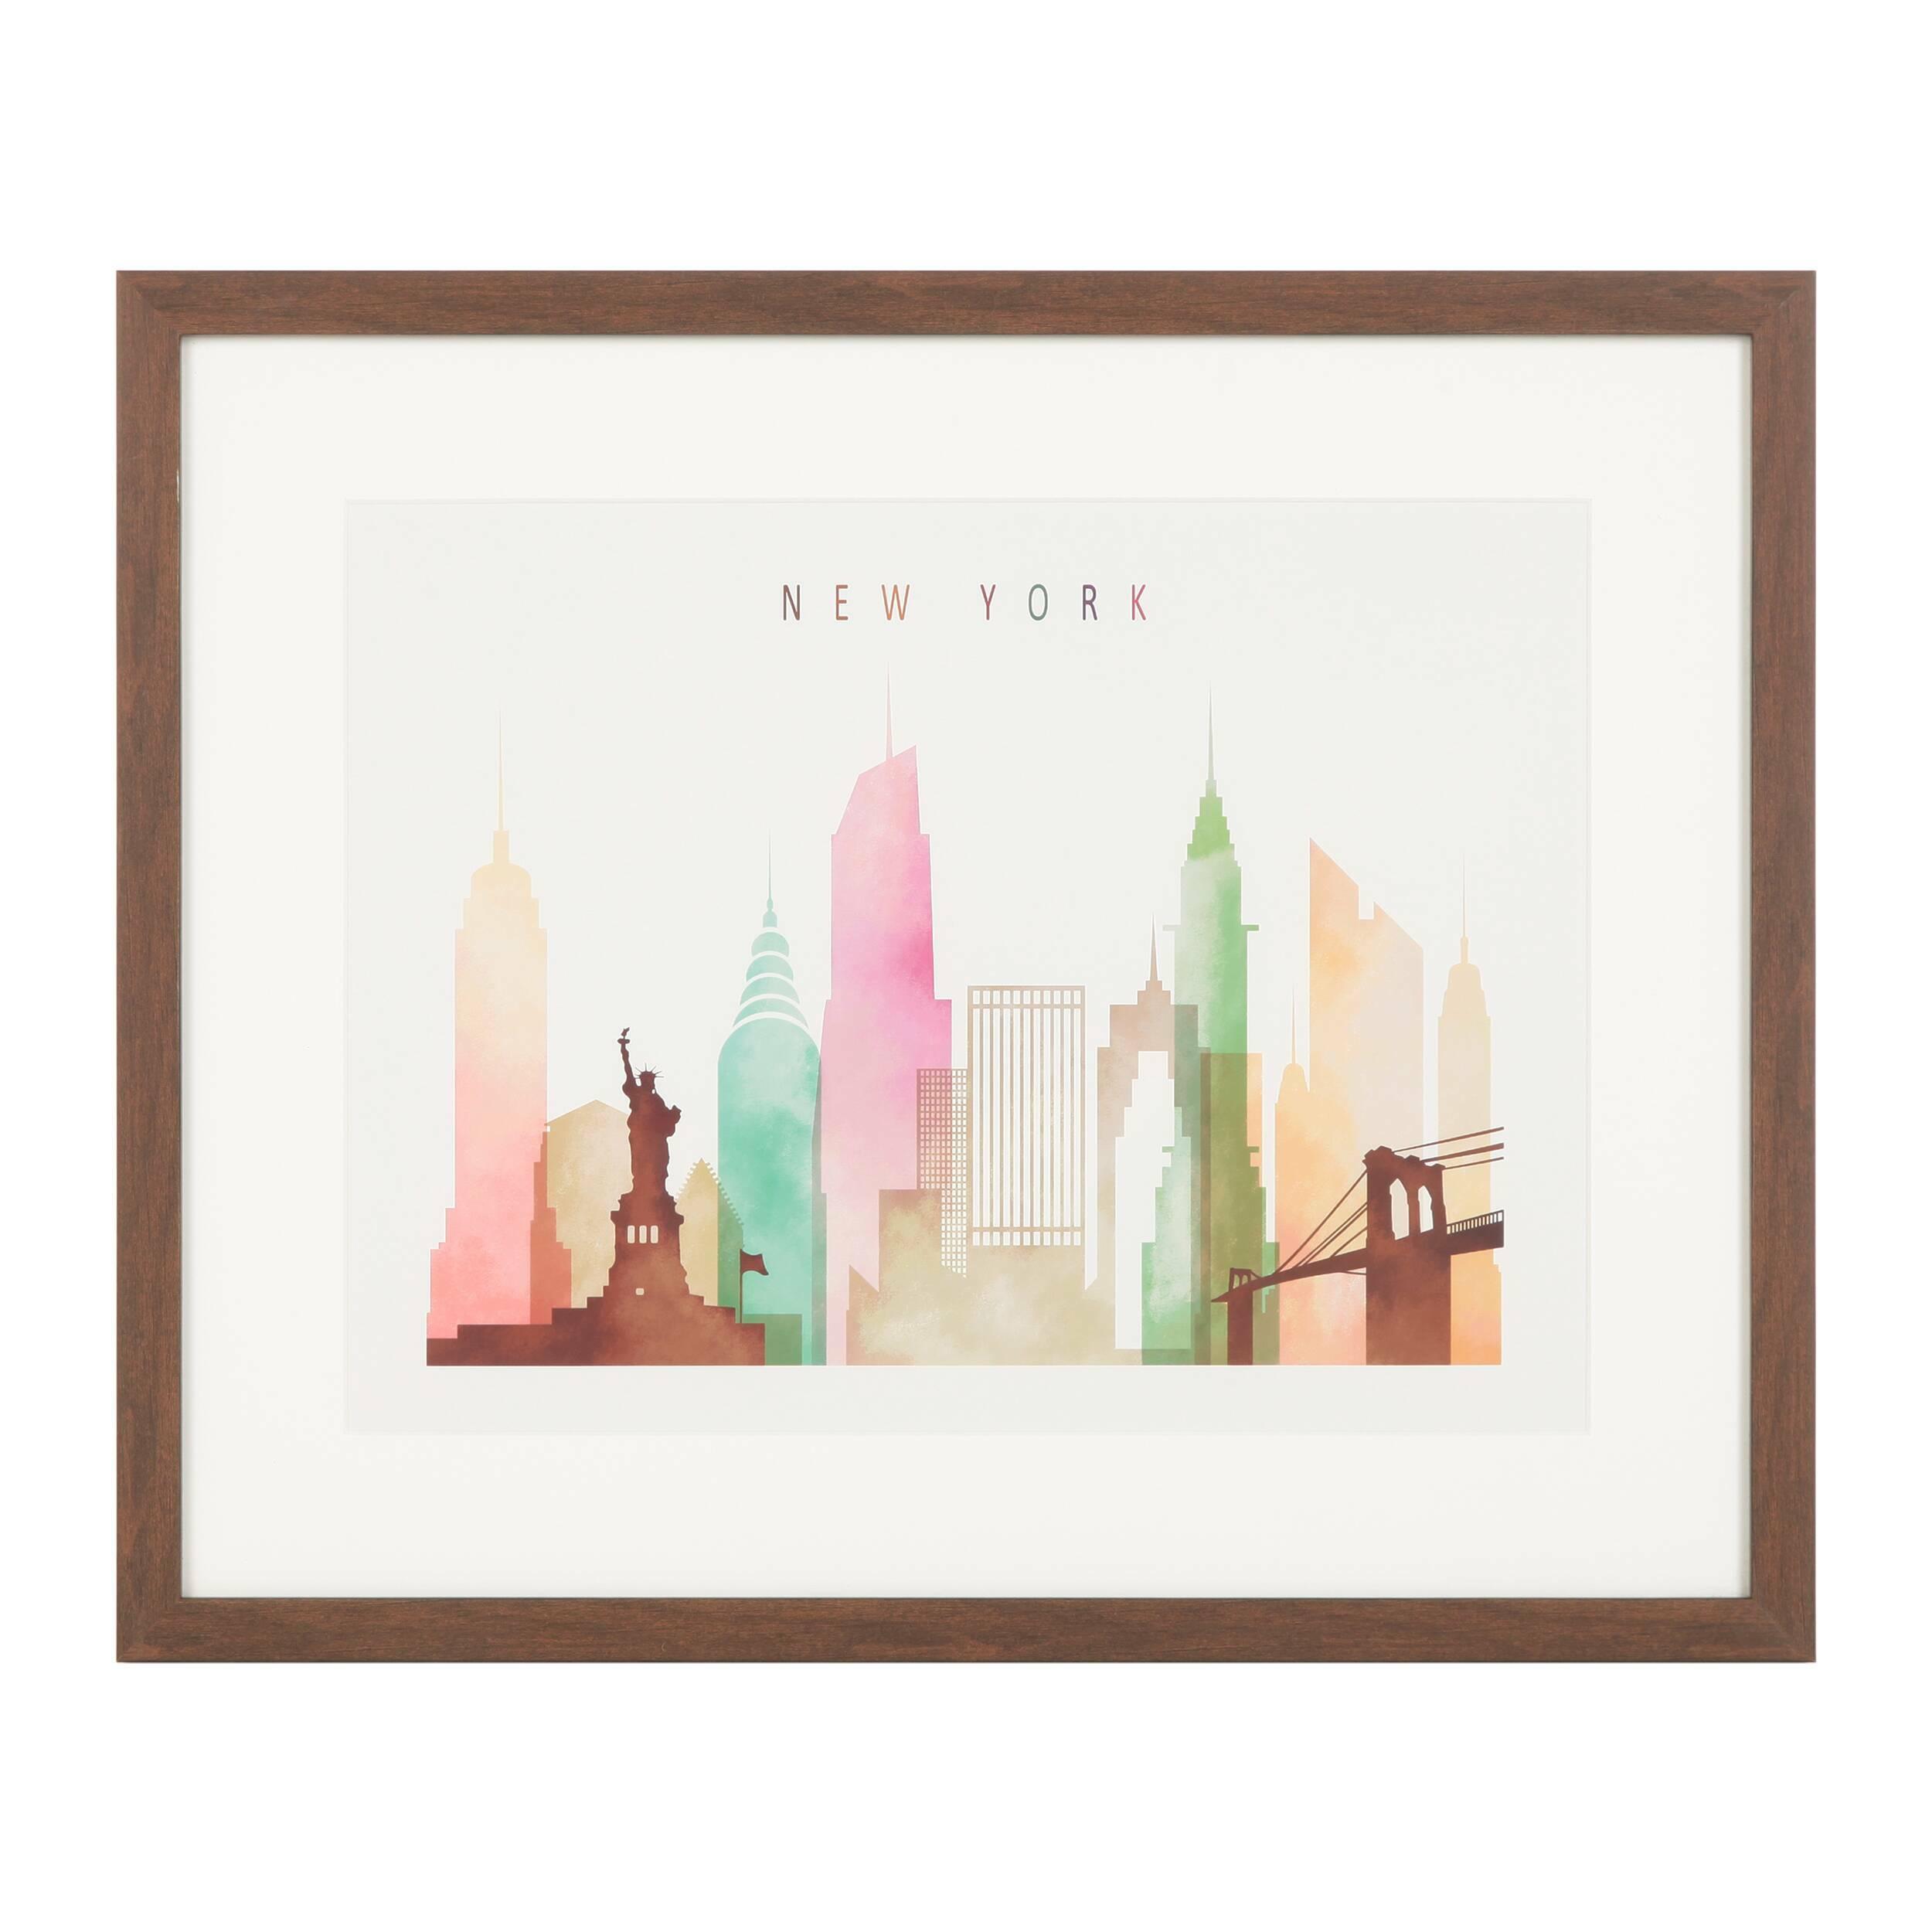 Постер New York, USAКартины<br>Дизайнерский постер New York, USA (Нью-Йорк, США) собрал сразу несколько известнейших достопримечательностей Нью-Йорка. Вам нравятся городские панорамы или хотите, чтобы что-то напоминало о любимом городе? Оригинальный постер New York, USA – это прекрасная возможность украсить свой дом атмосферным пейзажем и добавить в него частичку американской культуры.<br><br><br> Постер выполнен в красивейшей цветовой гамме, в которой гармонично сочетаются друг с другом самые разные цвета и их оттенки. Лег...<br><br>stock: 12<br>Ширина: 43<br>Цвет: Разноцветный<br>Длина: 53